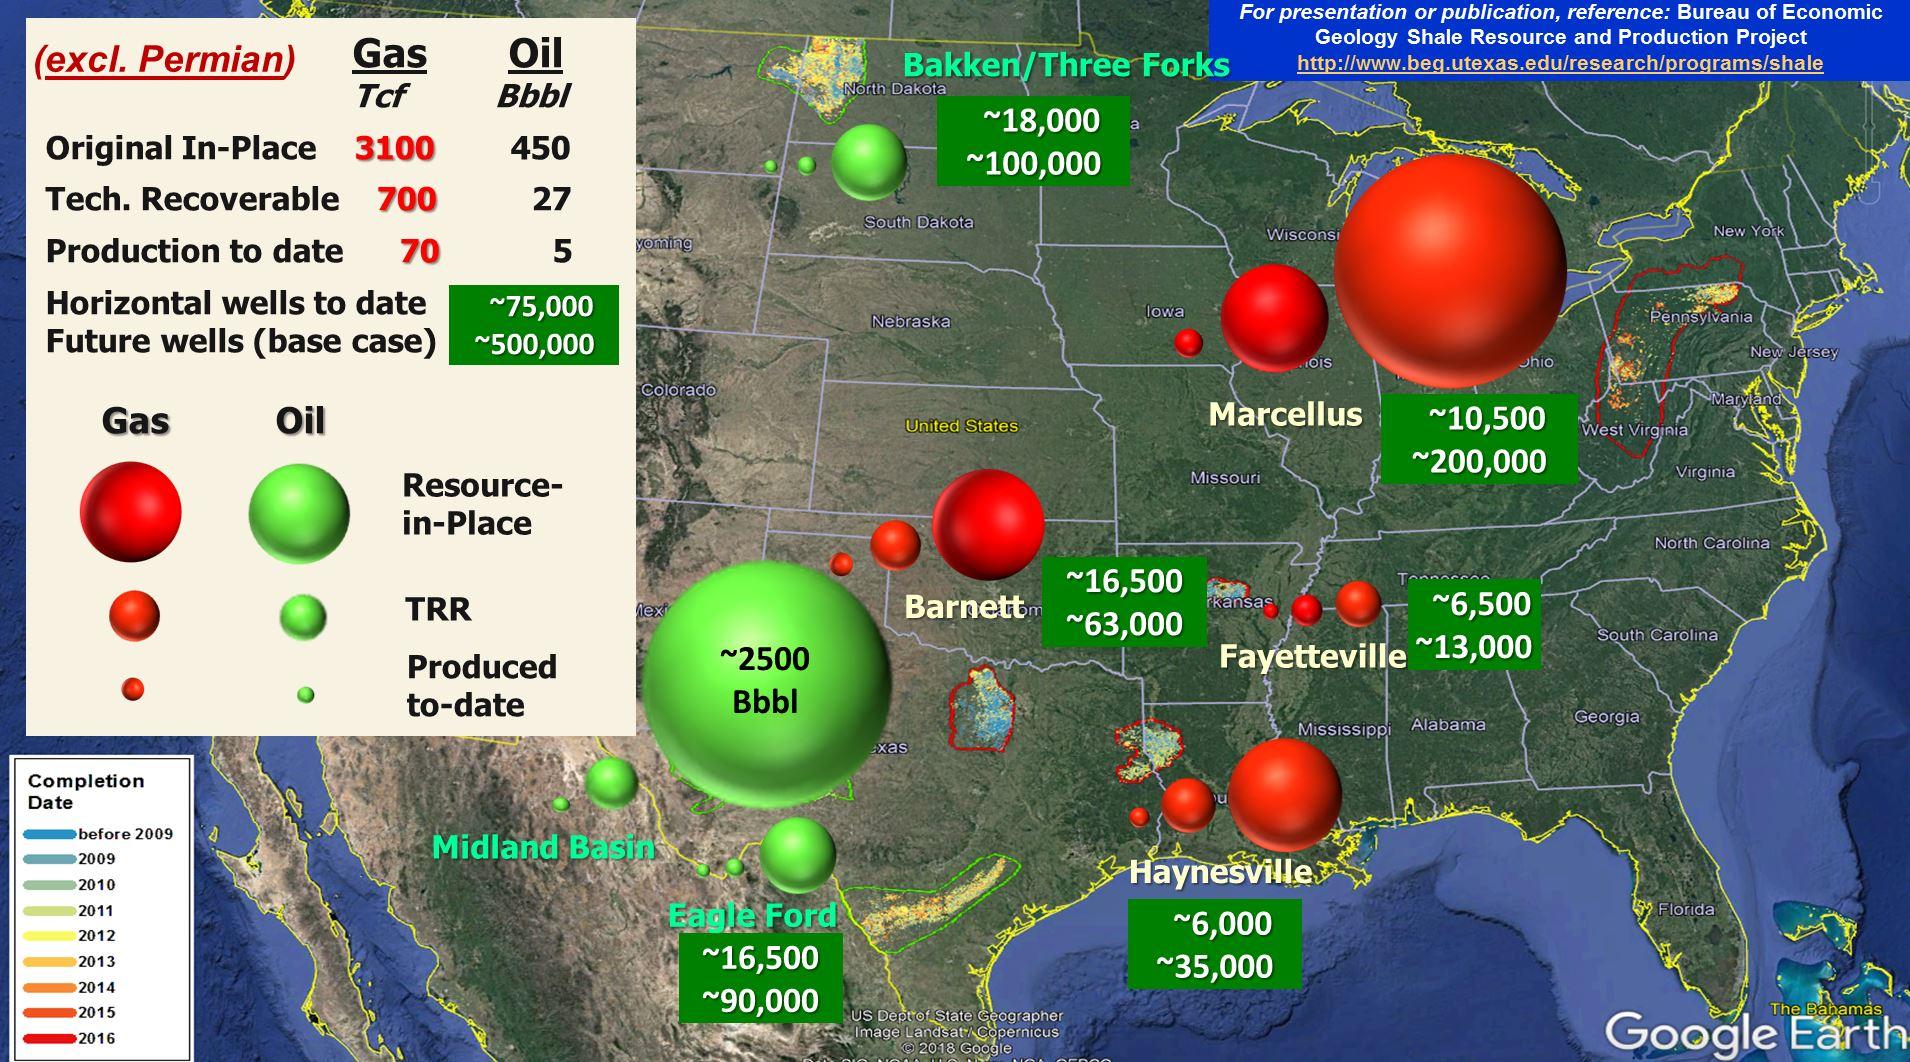 Est-Oil-Gas-in-place